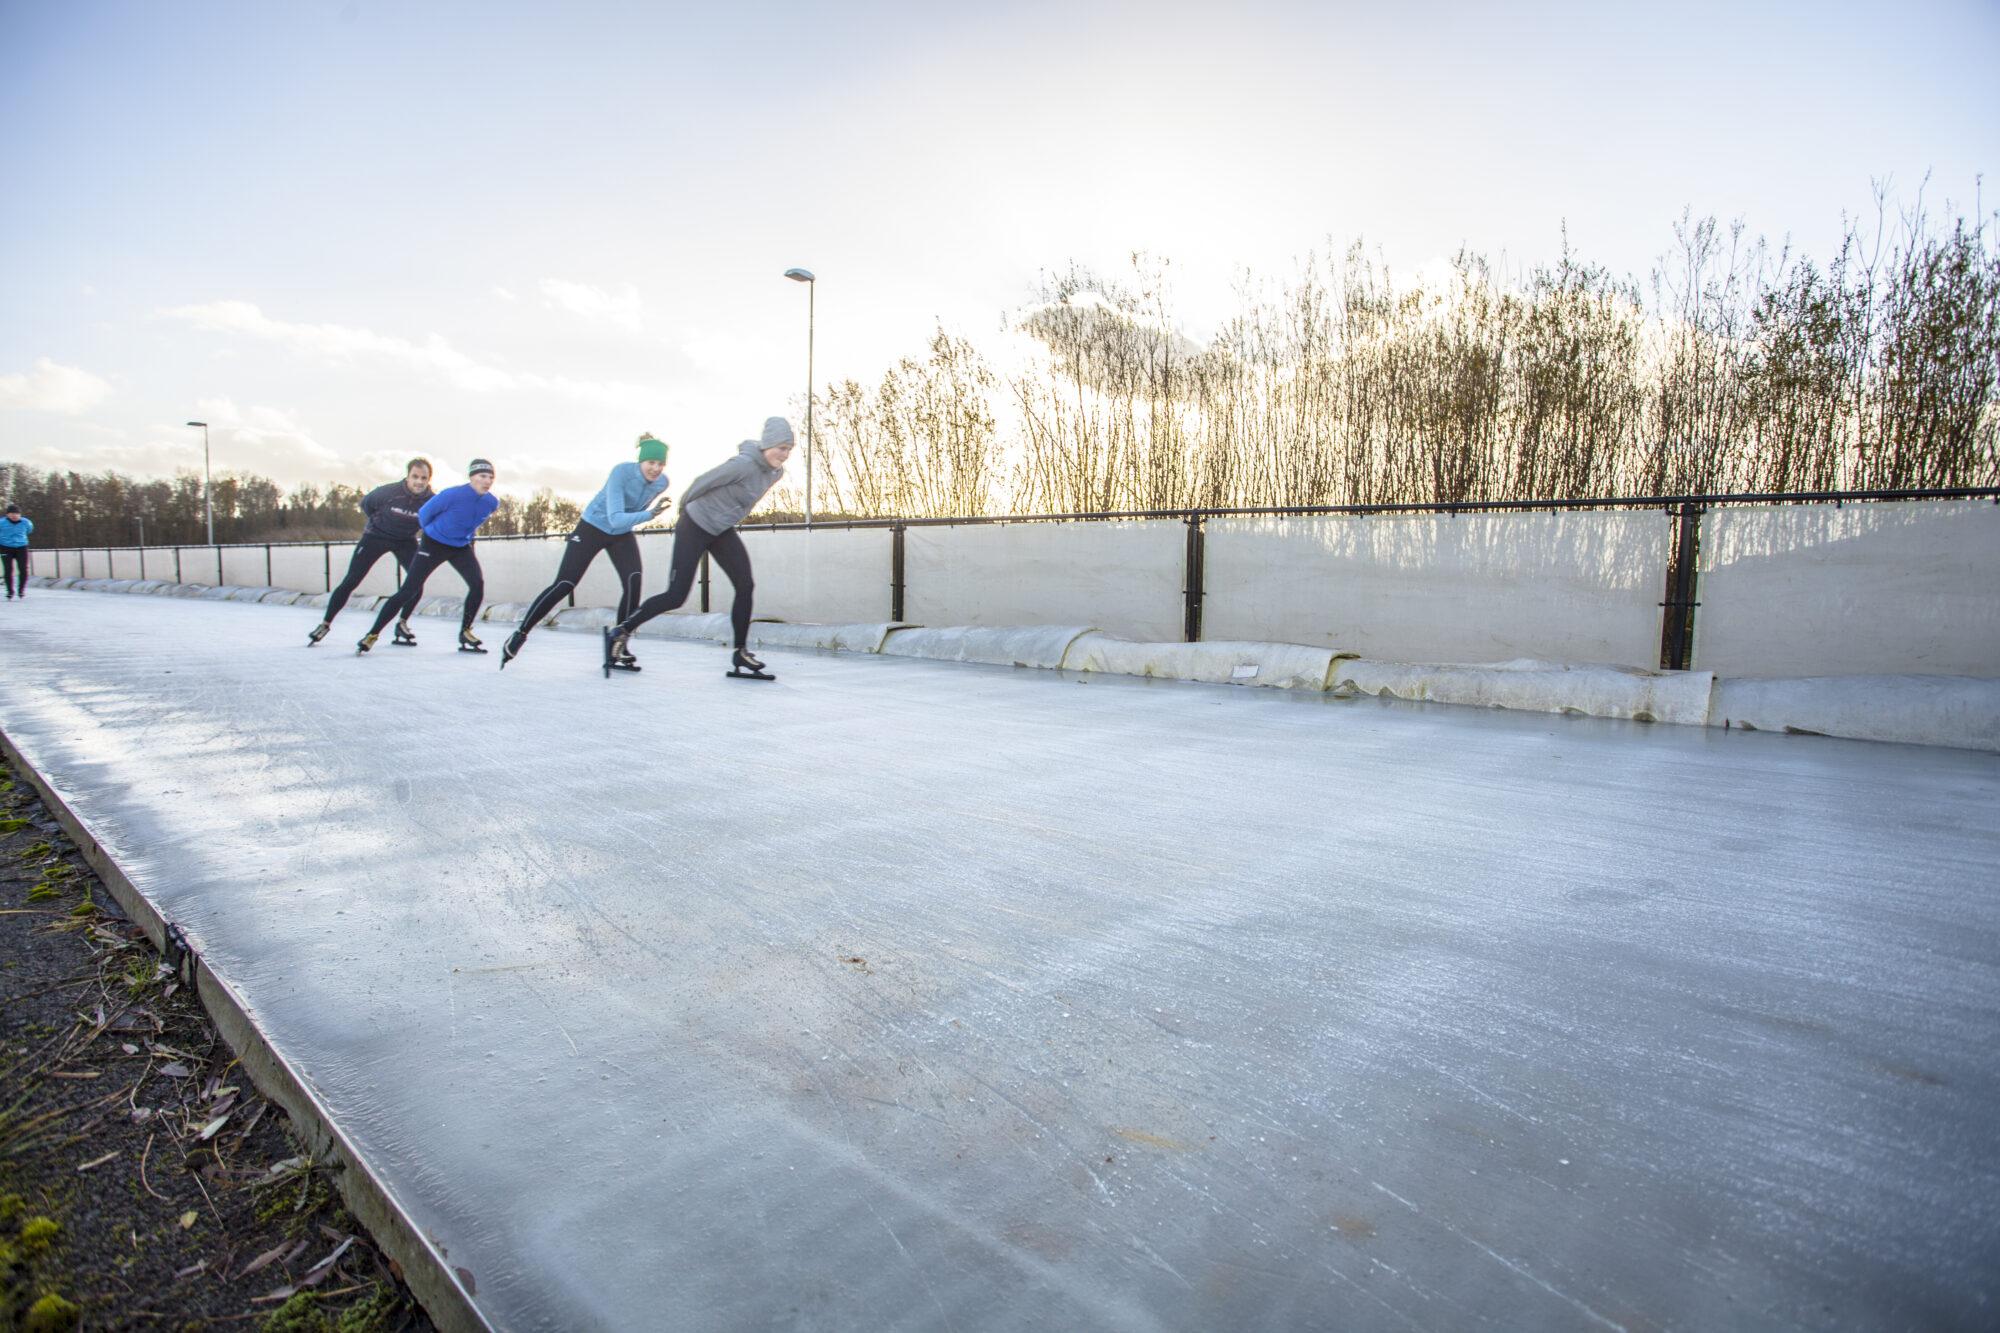 Langste ijsbaan in de open lucht